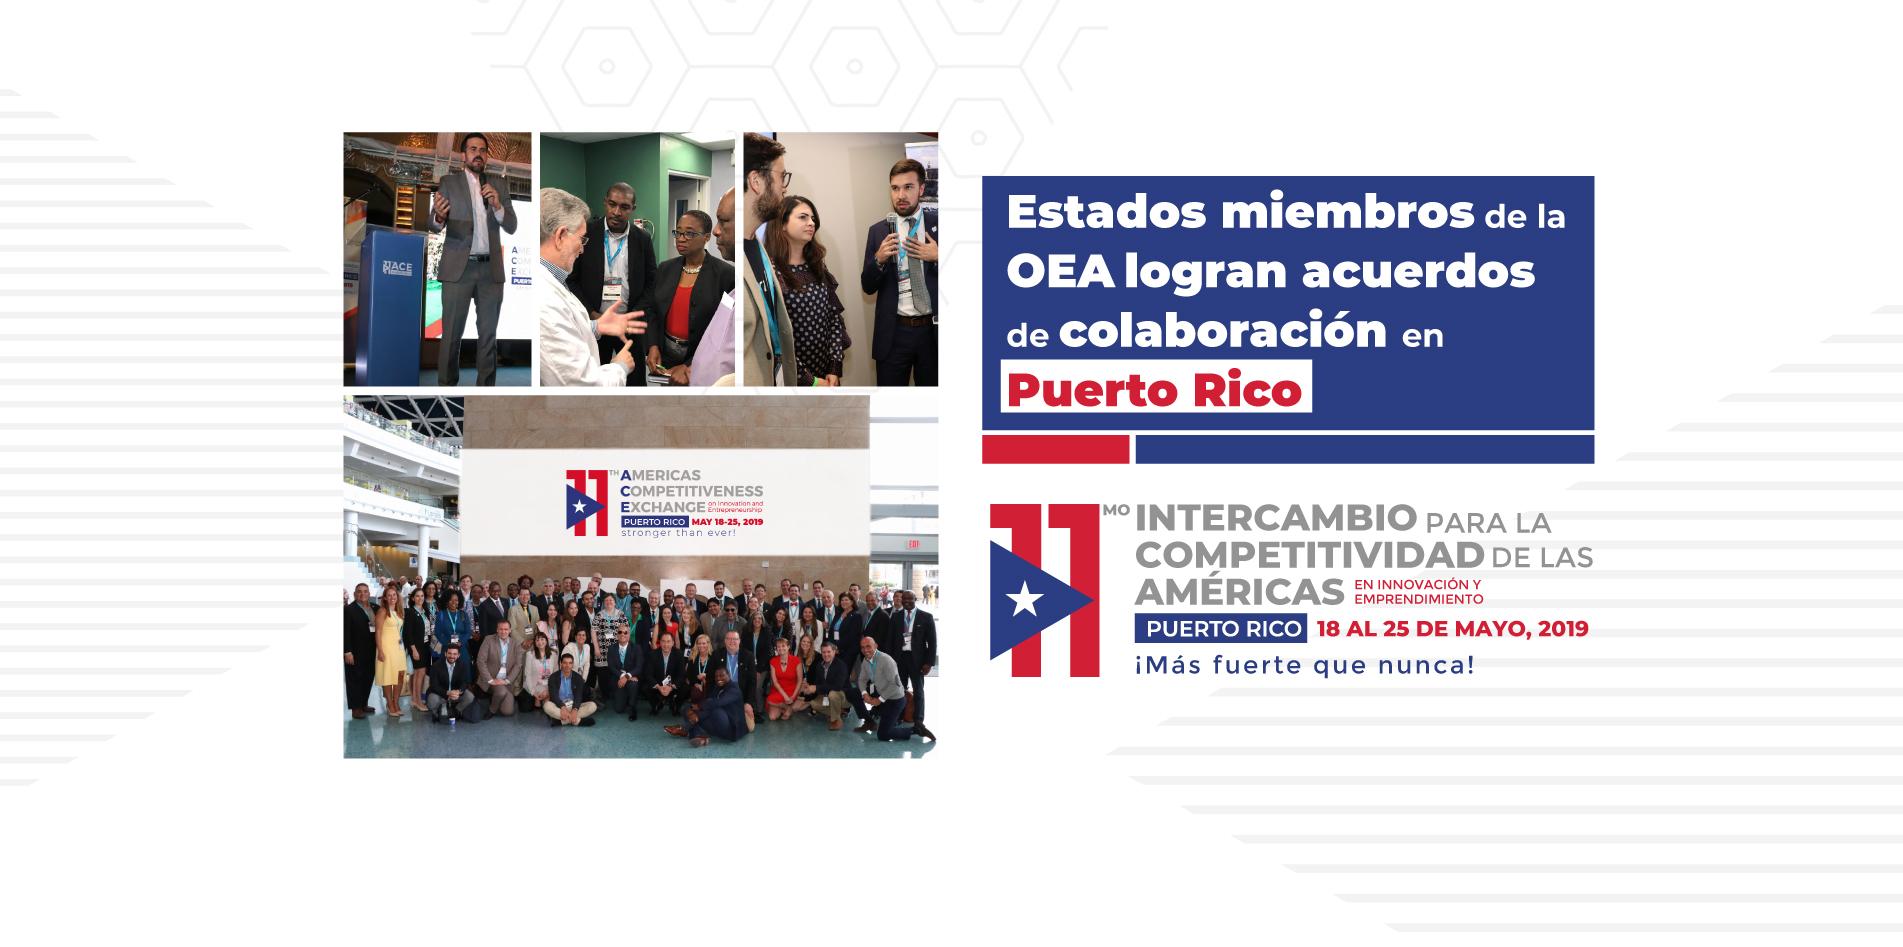 Estados miembros de la OEA logran acuerdos de colaboración en Puerto Rico